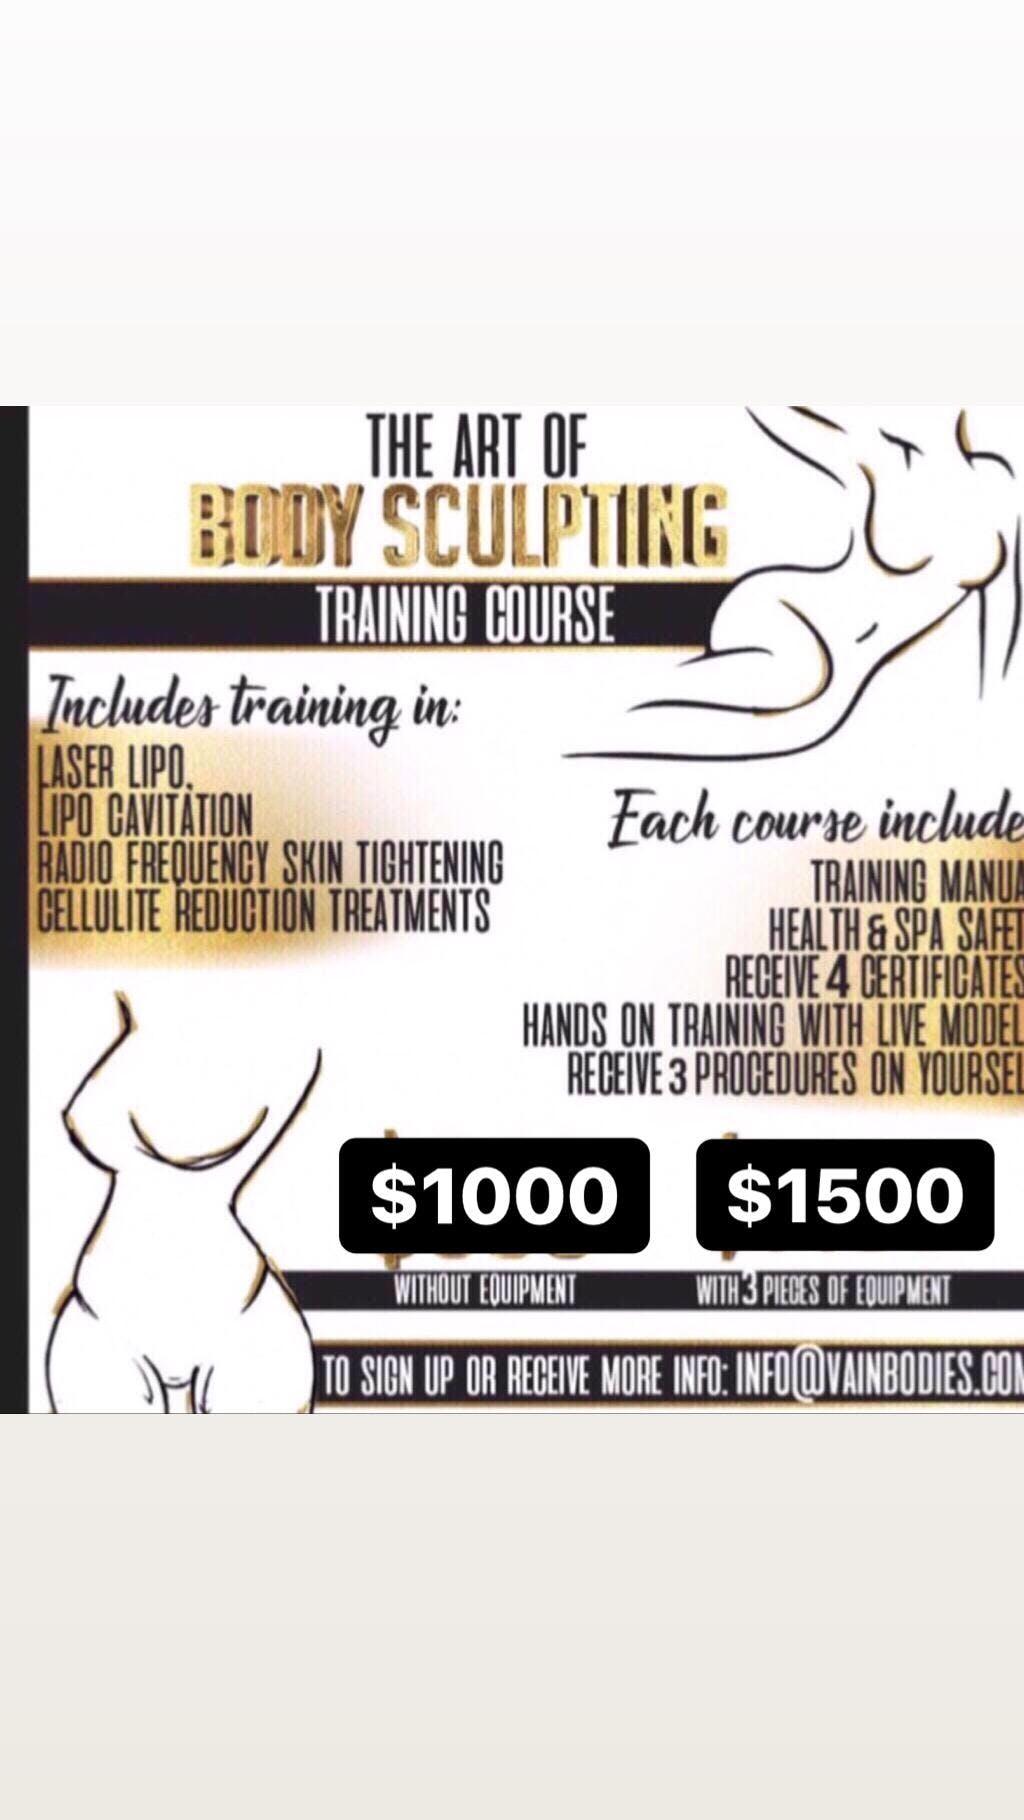 The Art Of Body Sculpting Class- West Palm Beach